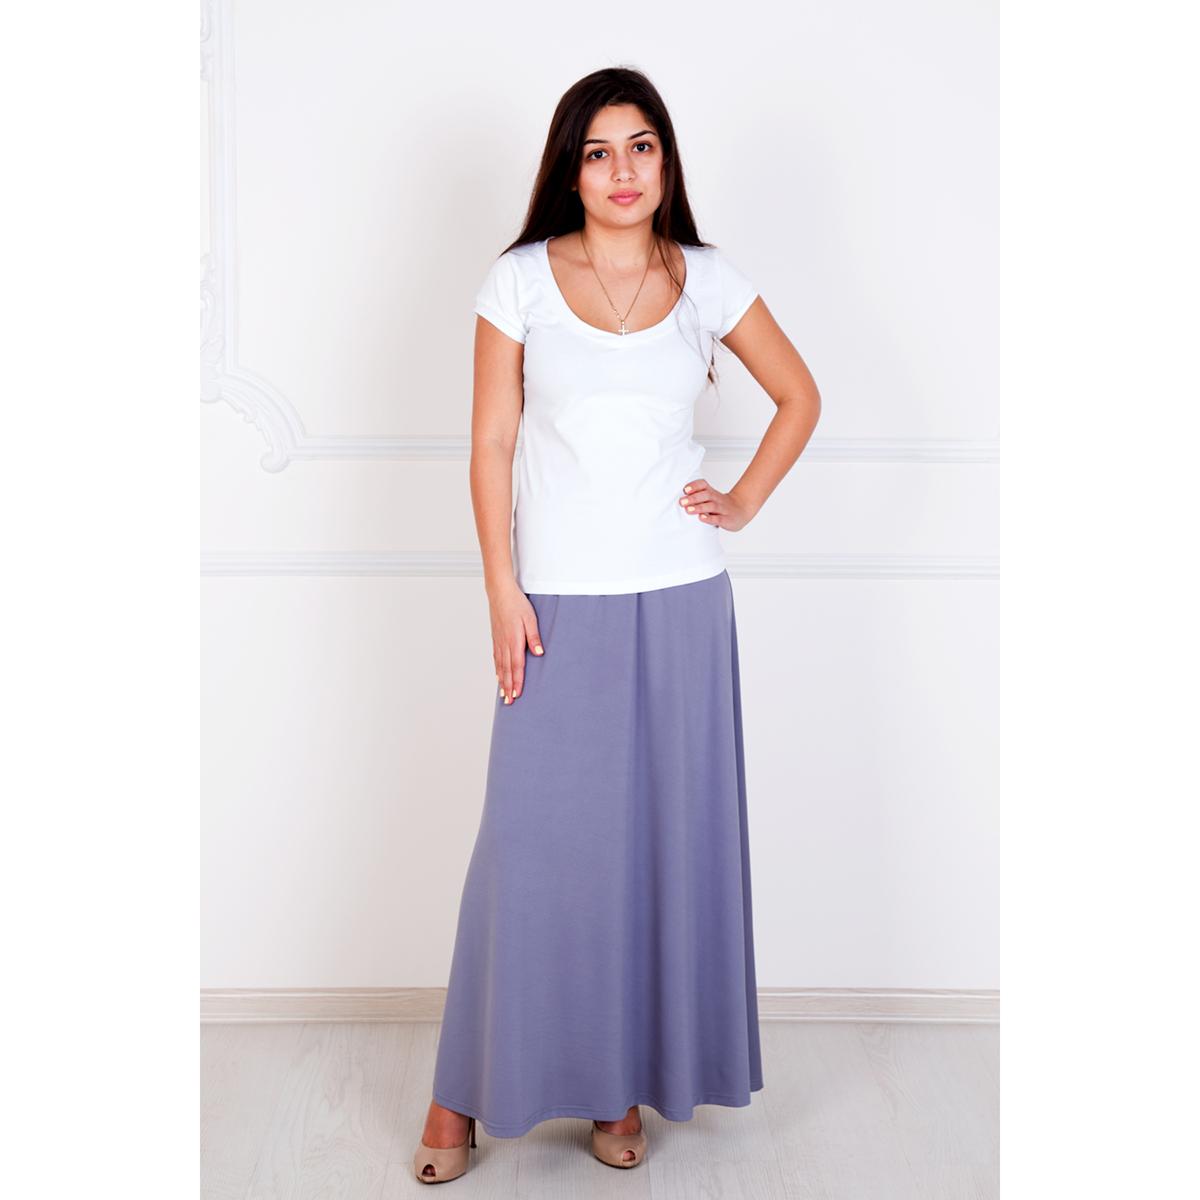 Женская юбка Макси Серый, размер 44Шорты, бриджи, брюки<br>Обхват талии:68 см<br>Обхват бедер:96 см<br>Длина от пояса:96 см<br>Рост:167 см<br><br>Тип: Жен. юбка<br>Размер: 44<br>Материал: Масло